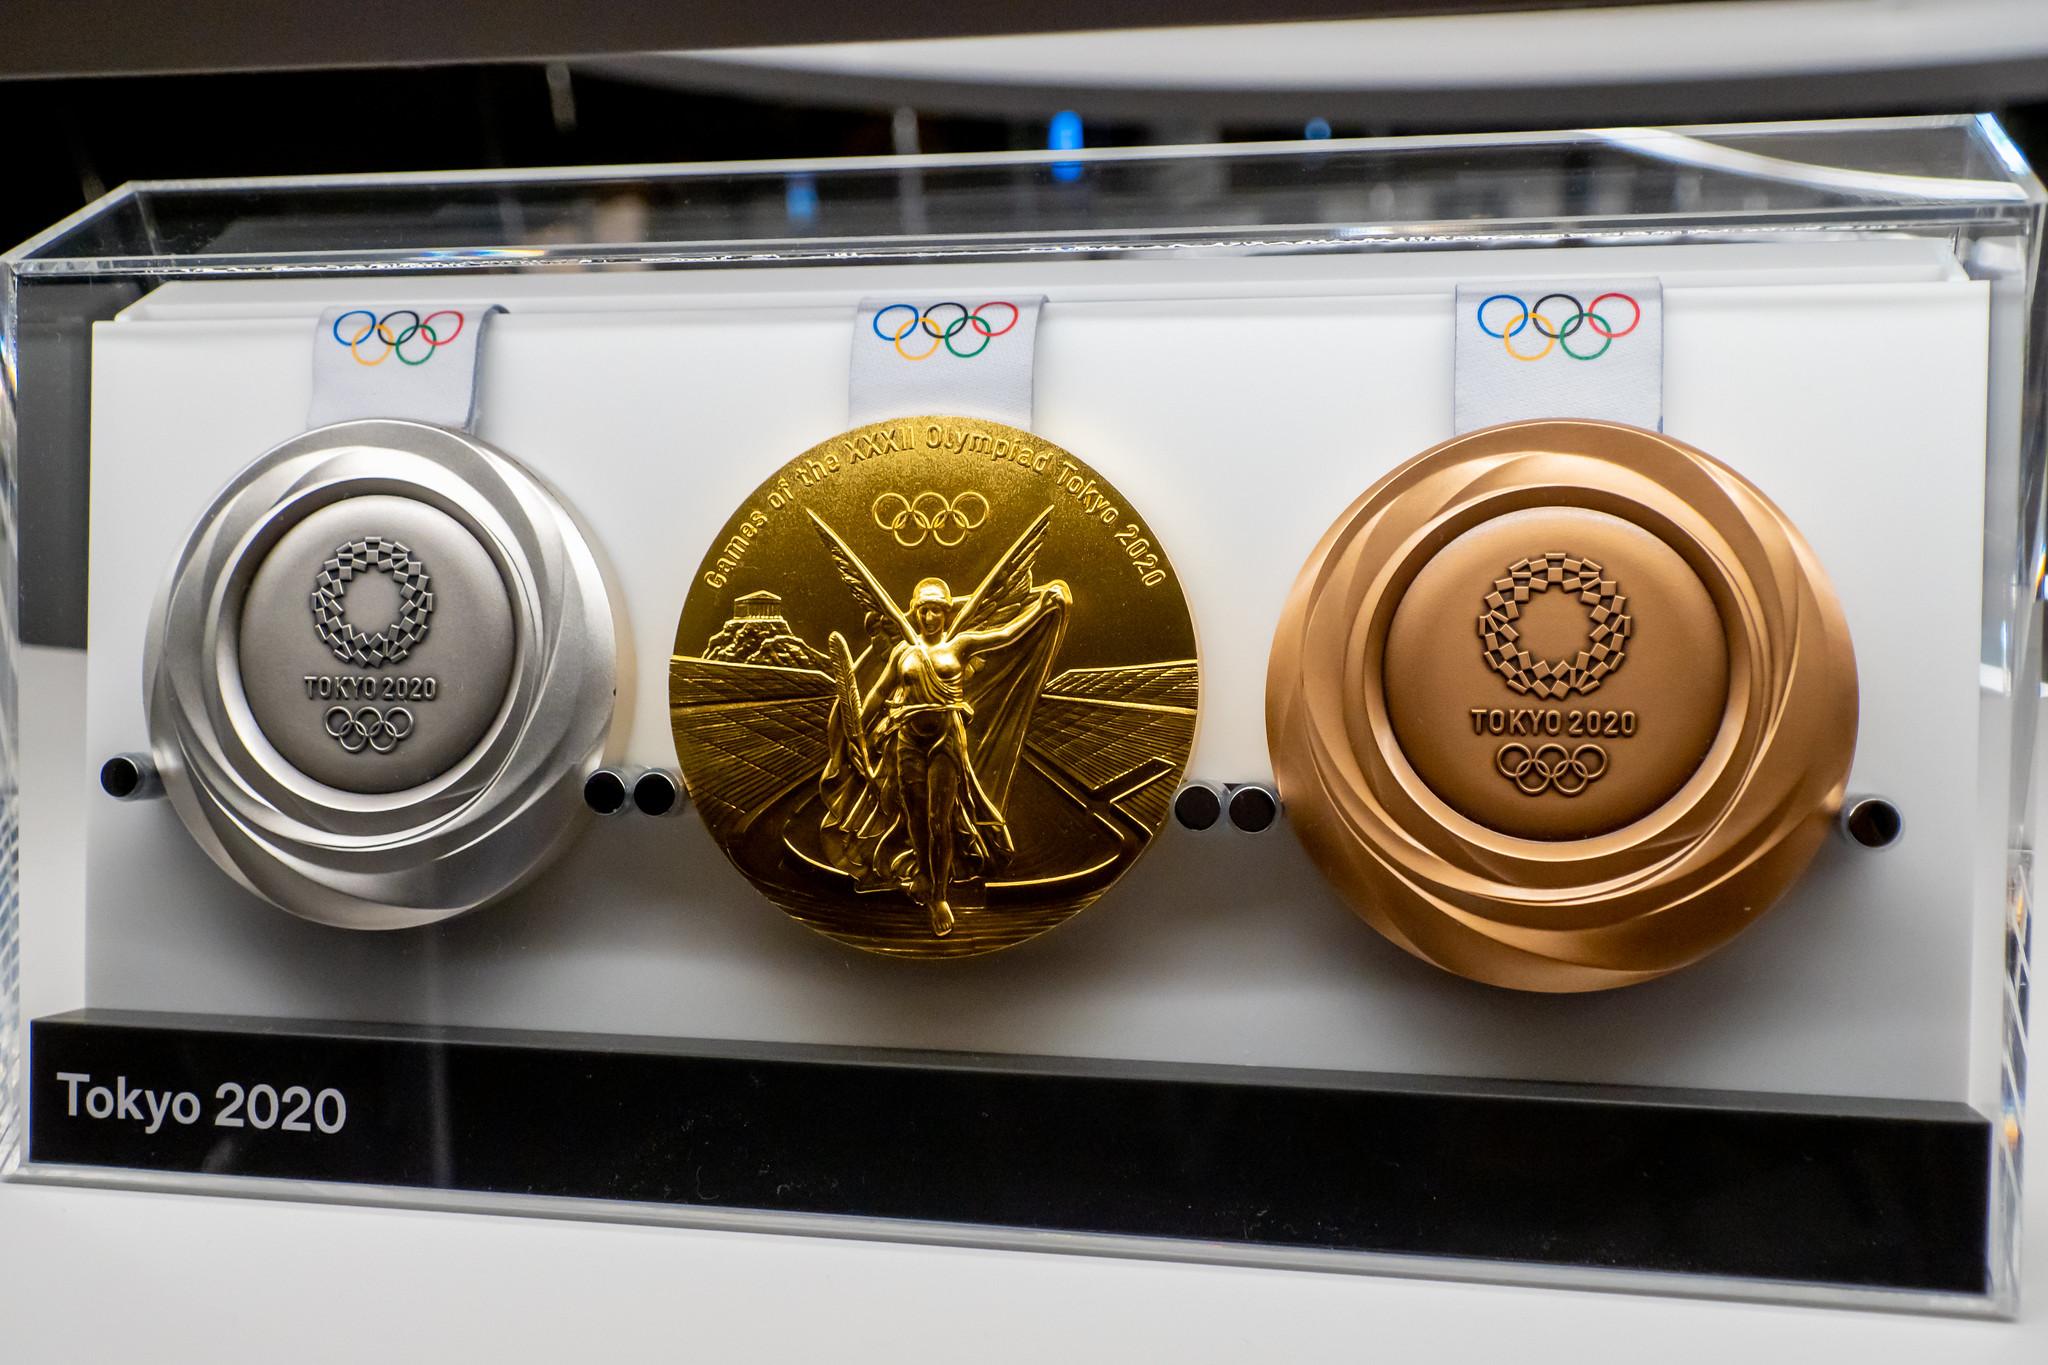 日本橋でオリンピックの歴史や関連アートを展示 OLYMPIC AGORA